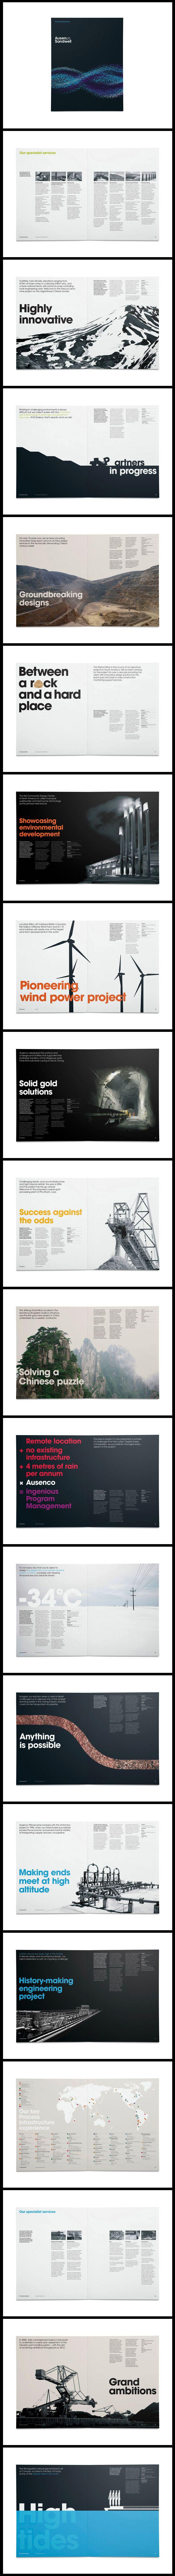 Ausenco by Chris Maclean #layout #publication #design